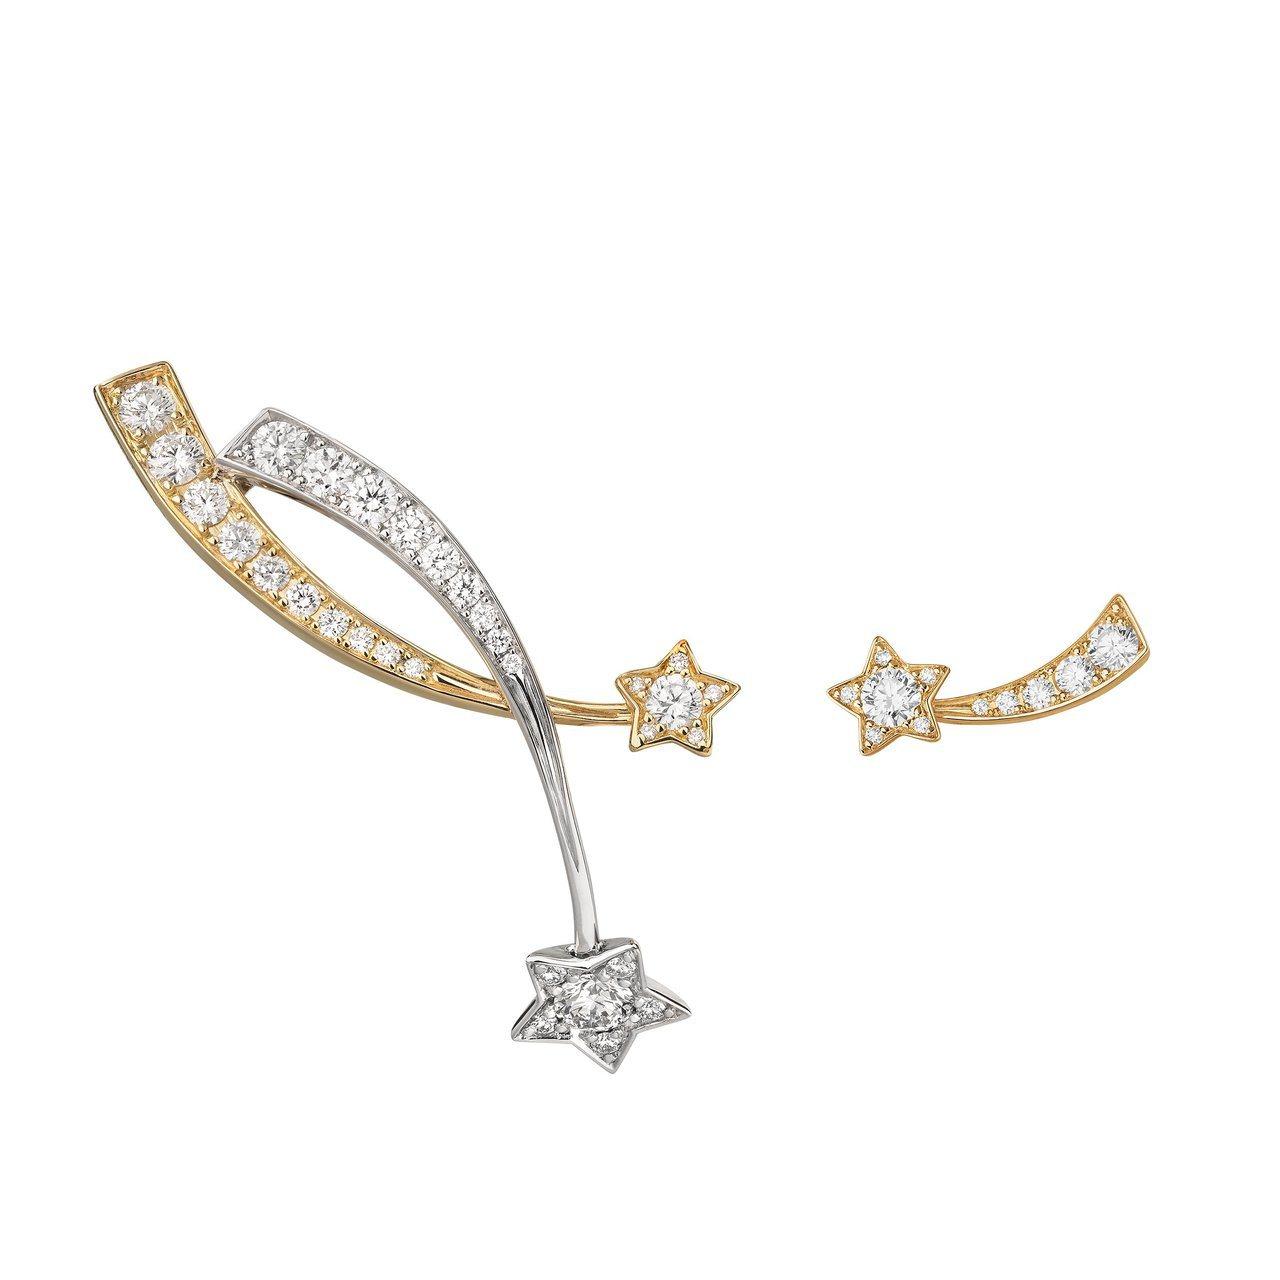 香奈兒Comète流星耳環,18K白金與黃金共鑲嵌42顆鑽石,31萬4,000元...